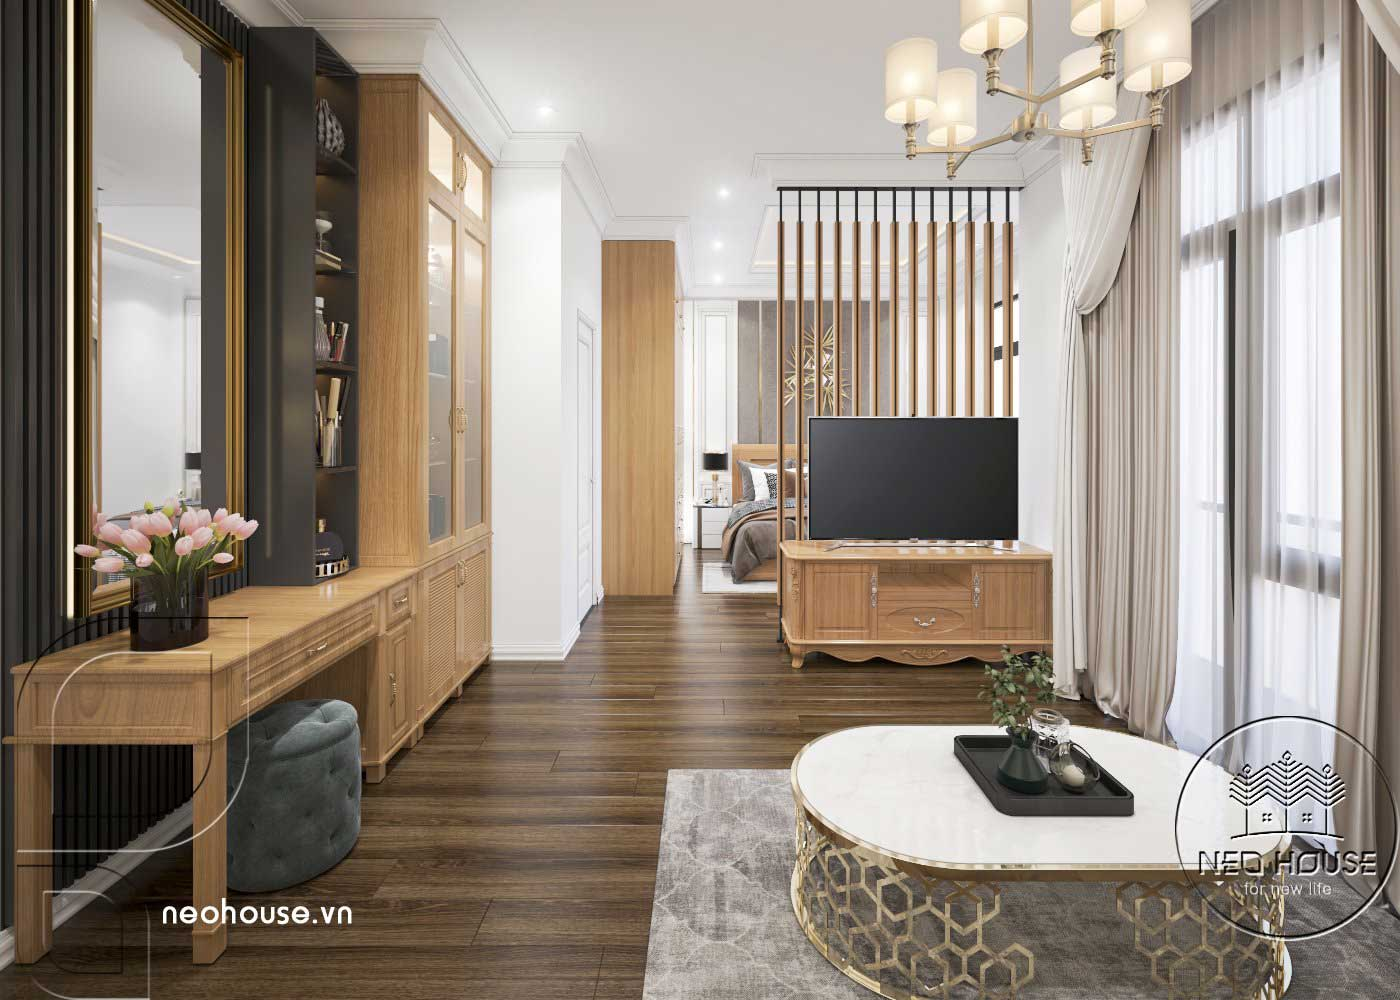 Thiết kế thi công cải tạo nhà phố 3 tầng với không gian nội thất phòng ngủ Master 01. Ảnh 4